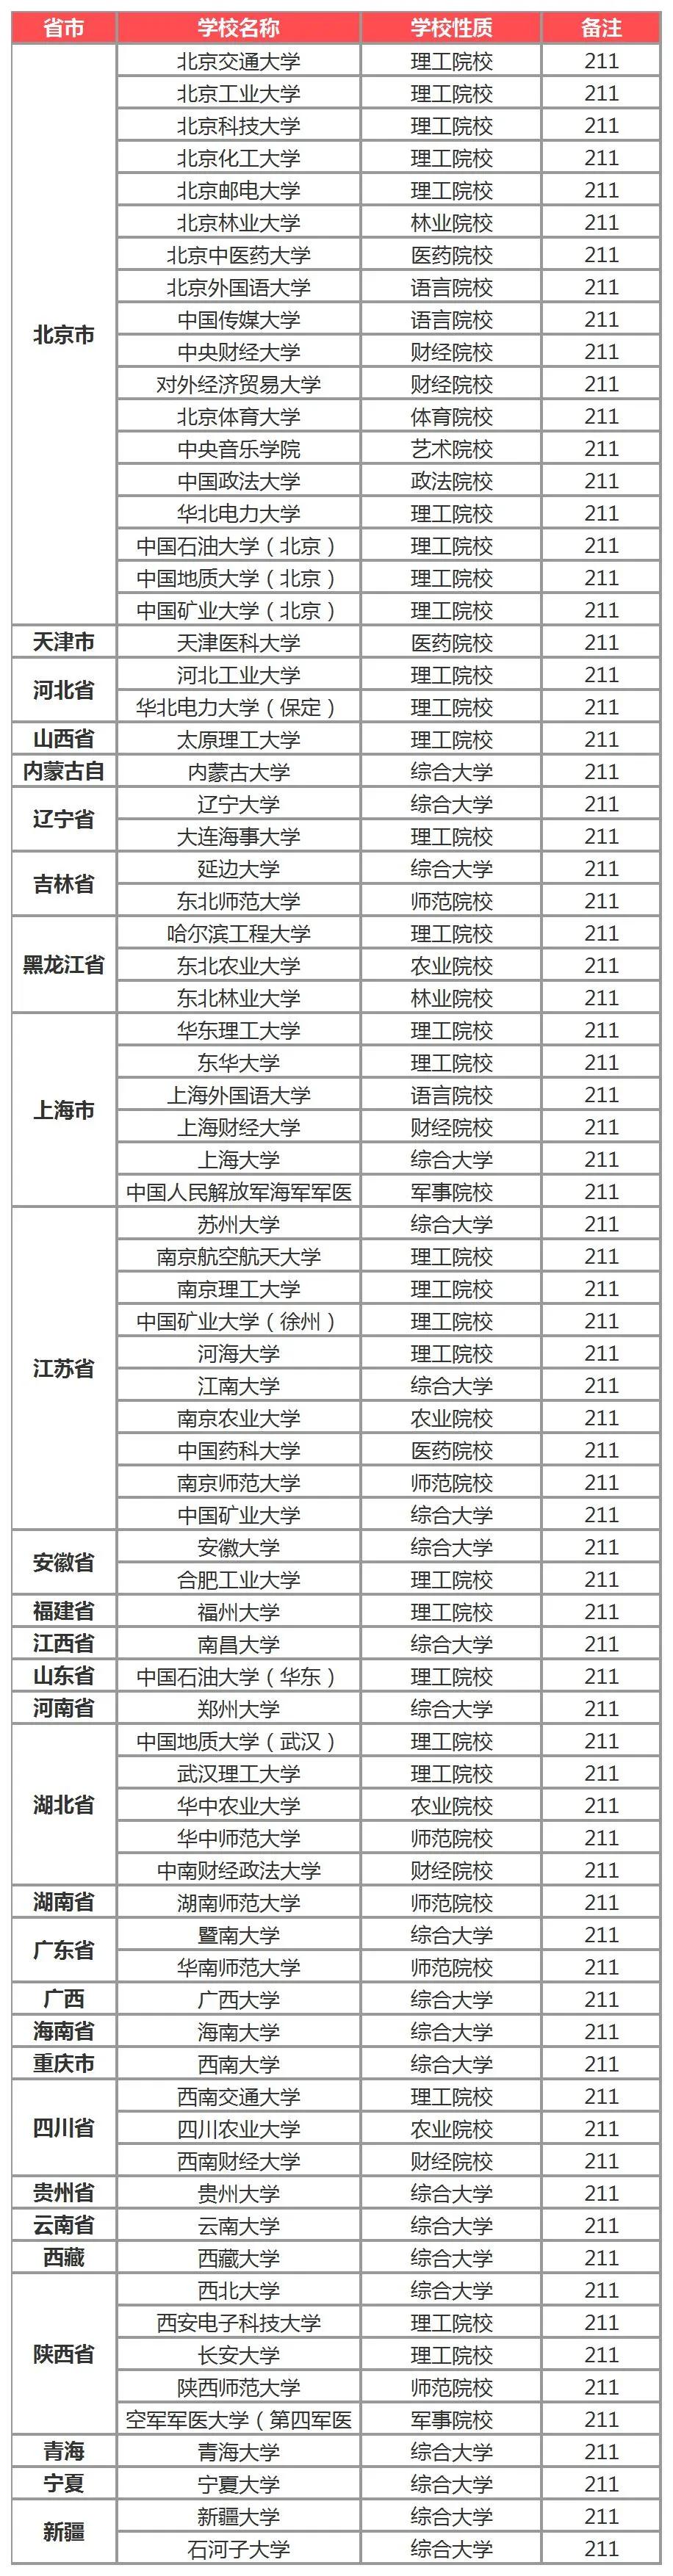 211大学有哪些大学名单(211大学有哪些大学有多少所)